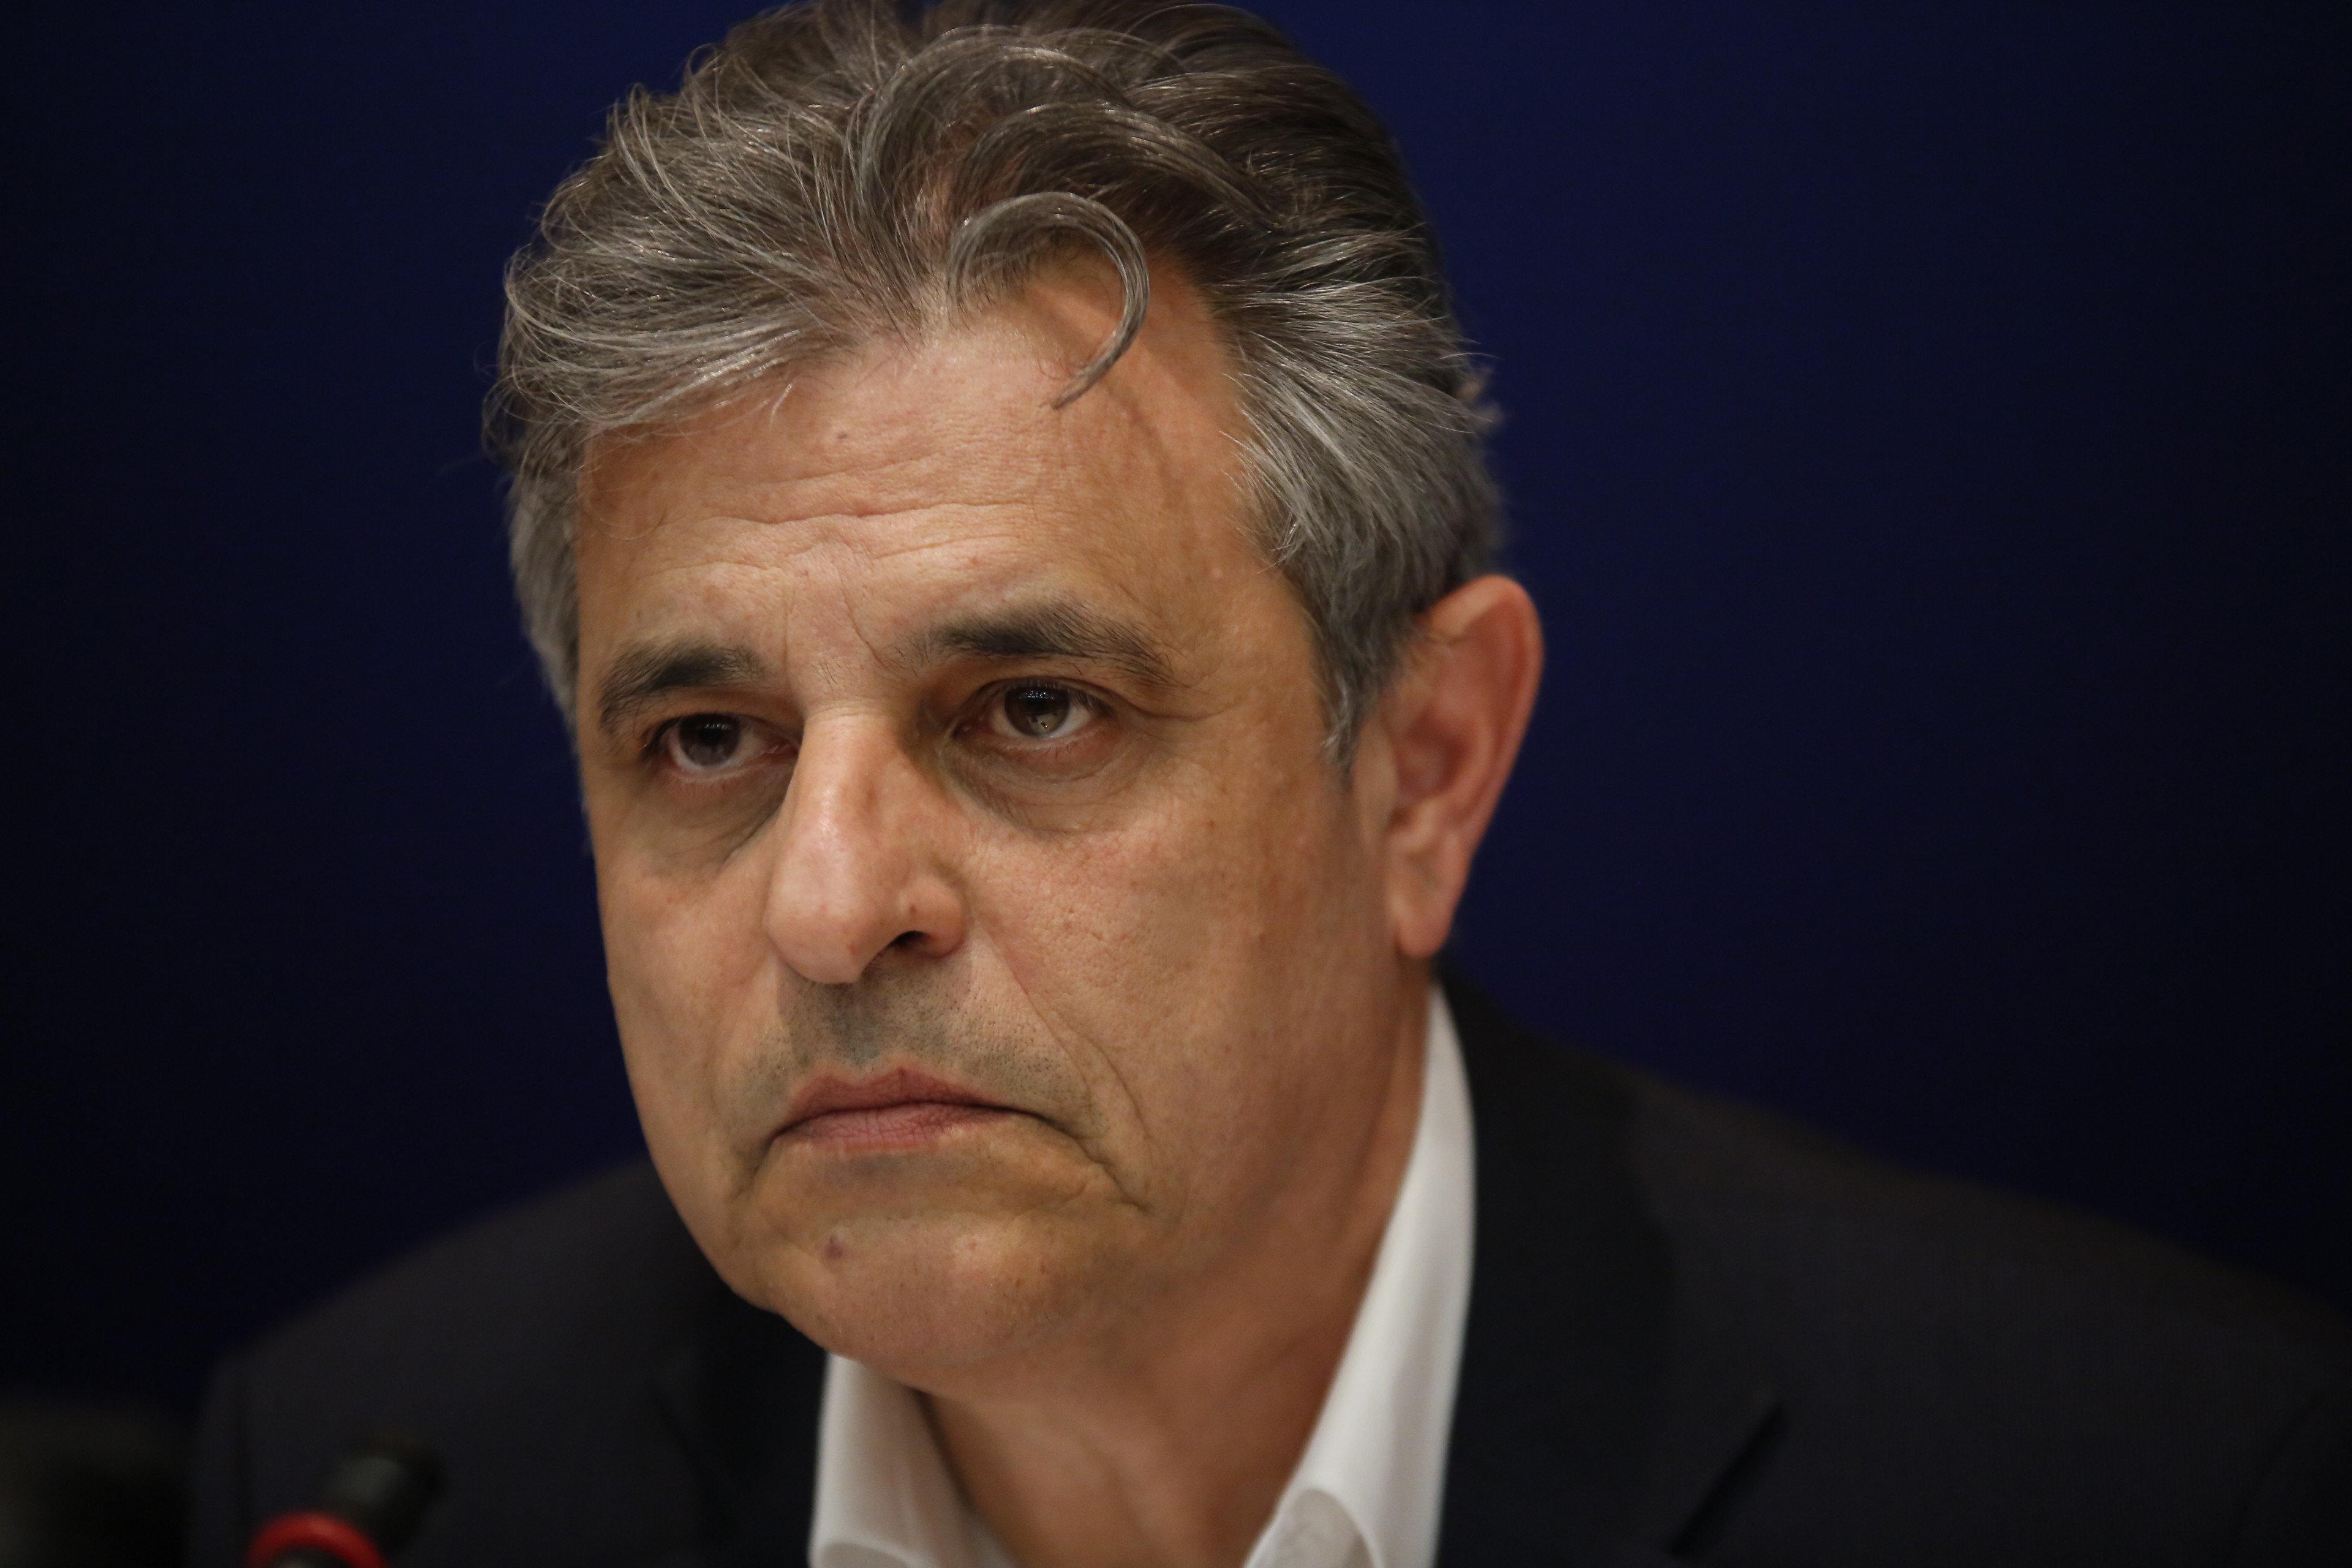 Ποιος είναι ο νέος γενικός γραμματέας Πολιτικής Προστασίας, Γιάννης